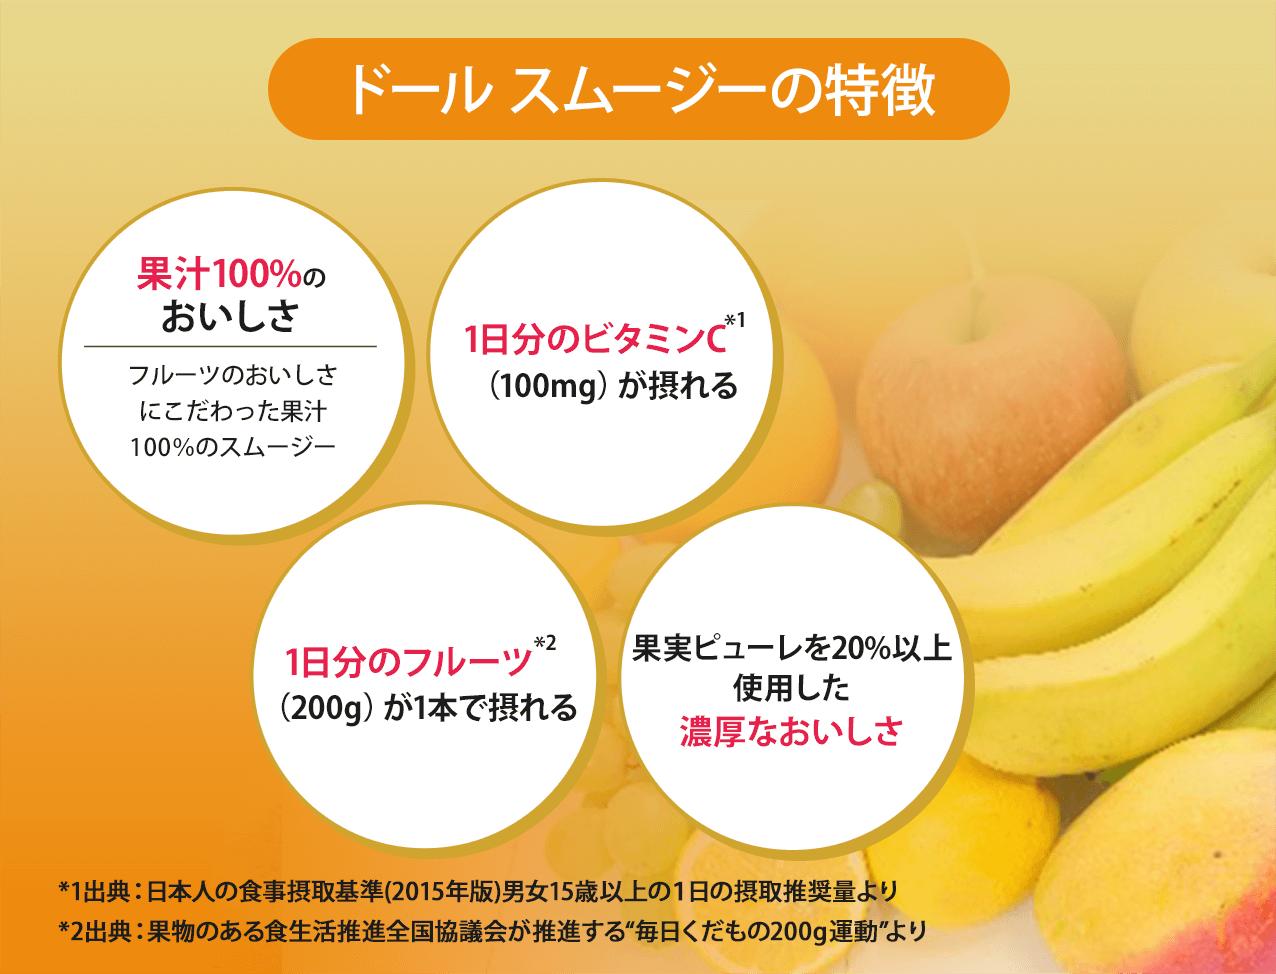 ドール スムージーの特徴 果実100%のおいしさ 1日分のビタミンC(100mg)*が摂れる 3.1日分のフルーツ 果実ピューレを20%以上使用した濃厚なおいしさ